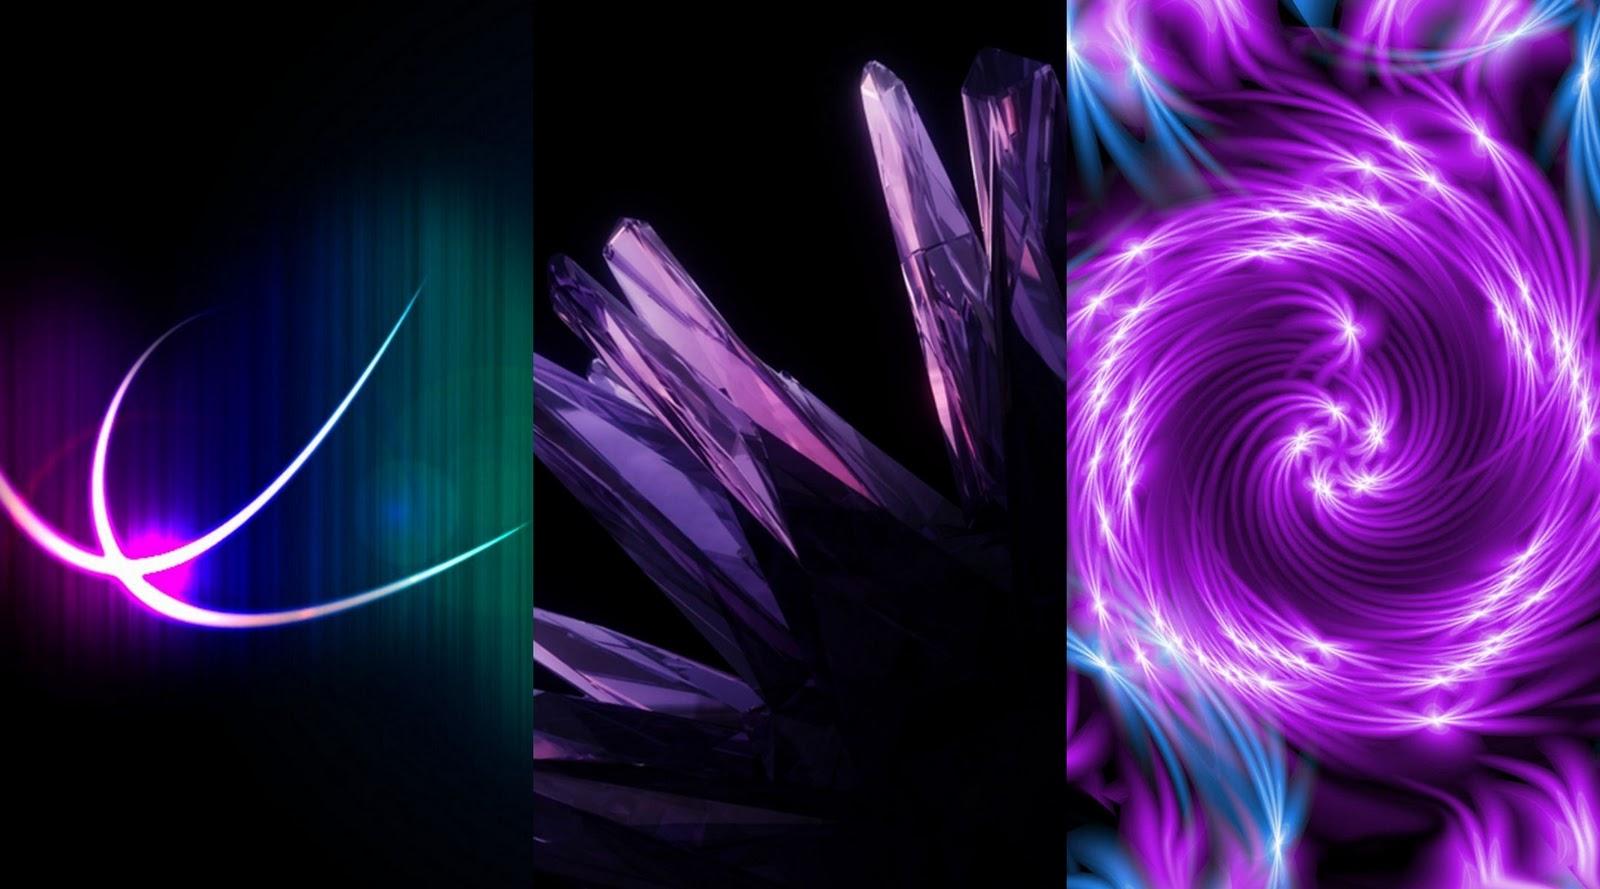 Usa Pix Hd New Samsung Galaxy Tab 3 Wallpaper Tab 3 Pictures